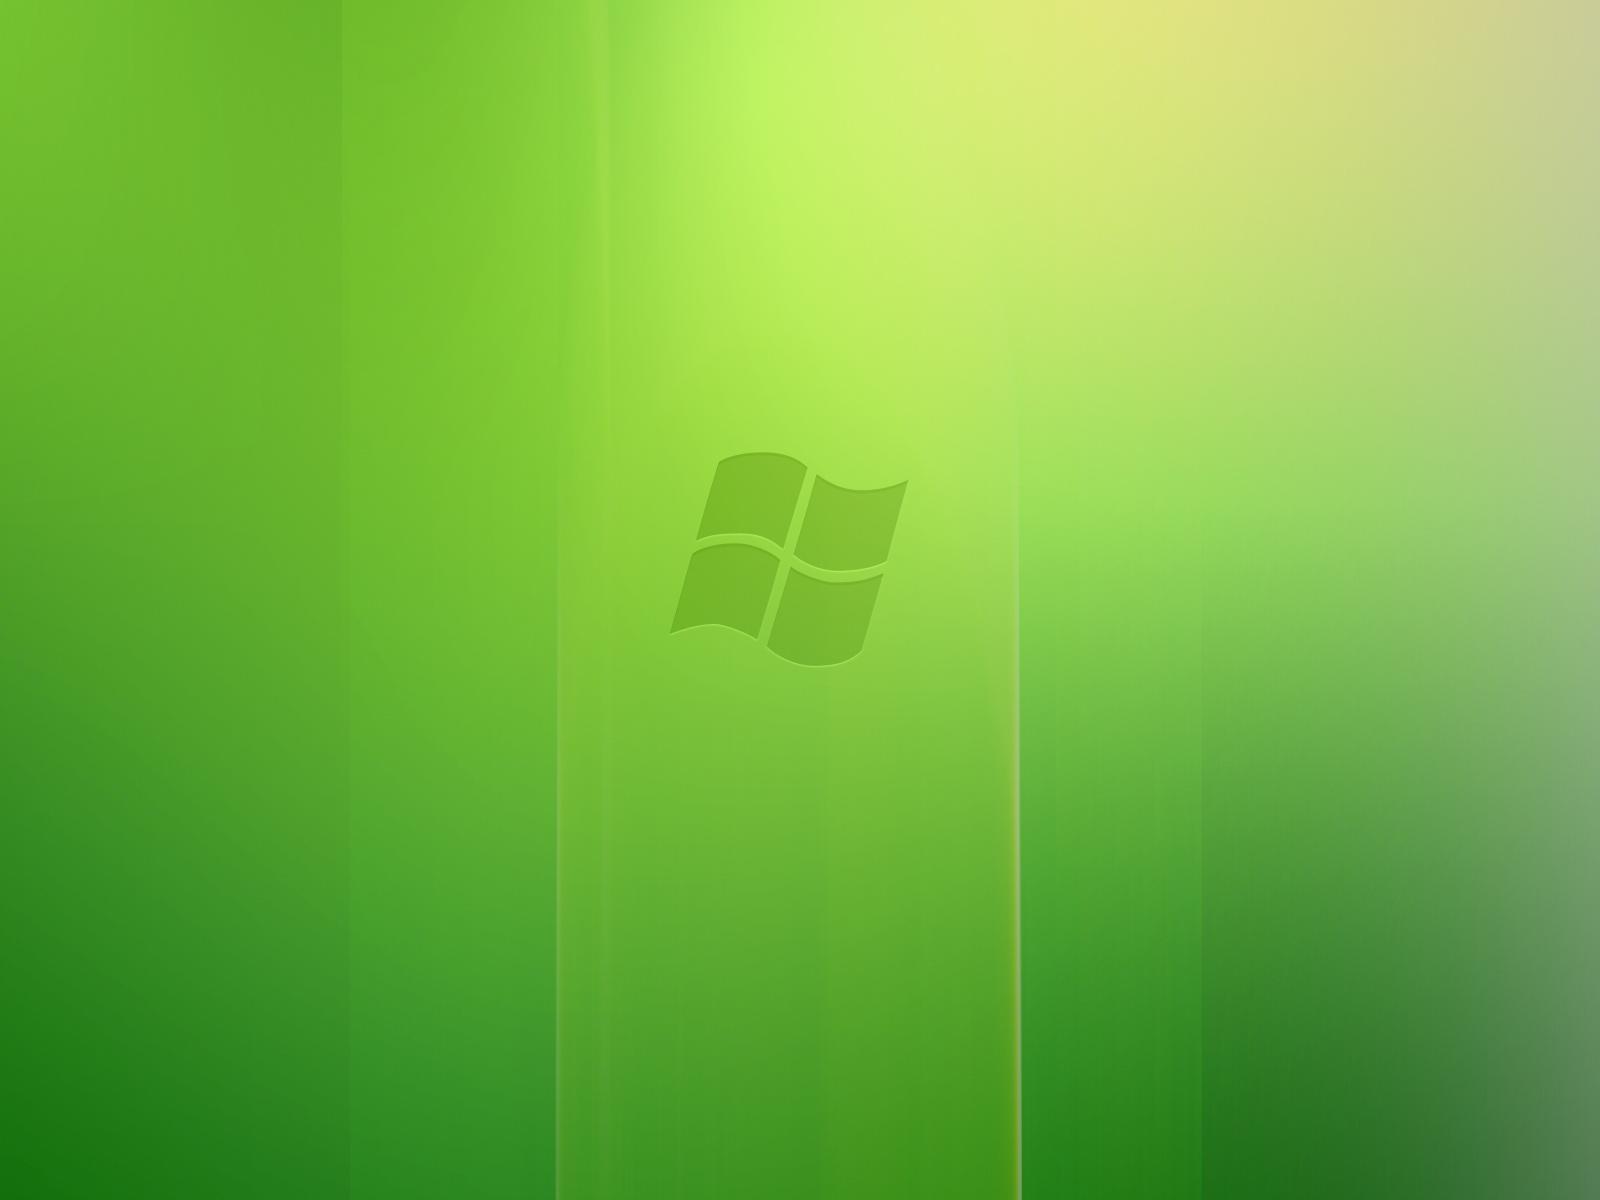 http://3.bp.blogspot.com/-jesk0jxXDcM/Tt-BWSHtxaI/AAAAAAAAChk/R2t-fmDkfoU/s1600/The-best-top-desktop-green-wallpapers-green-wallpaper-green-background-hd-2012.jpg